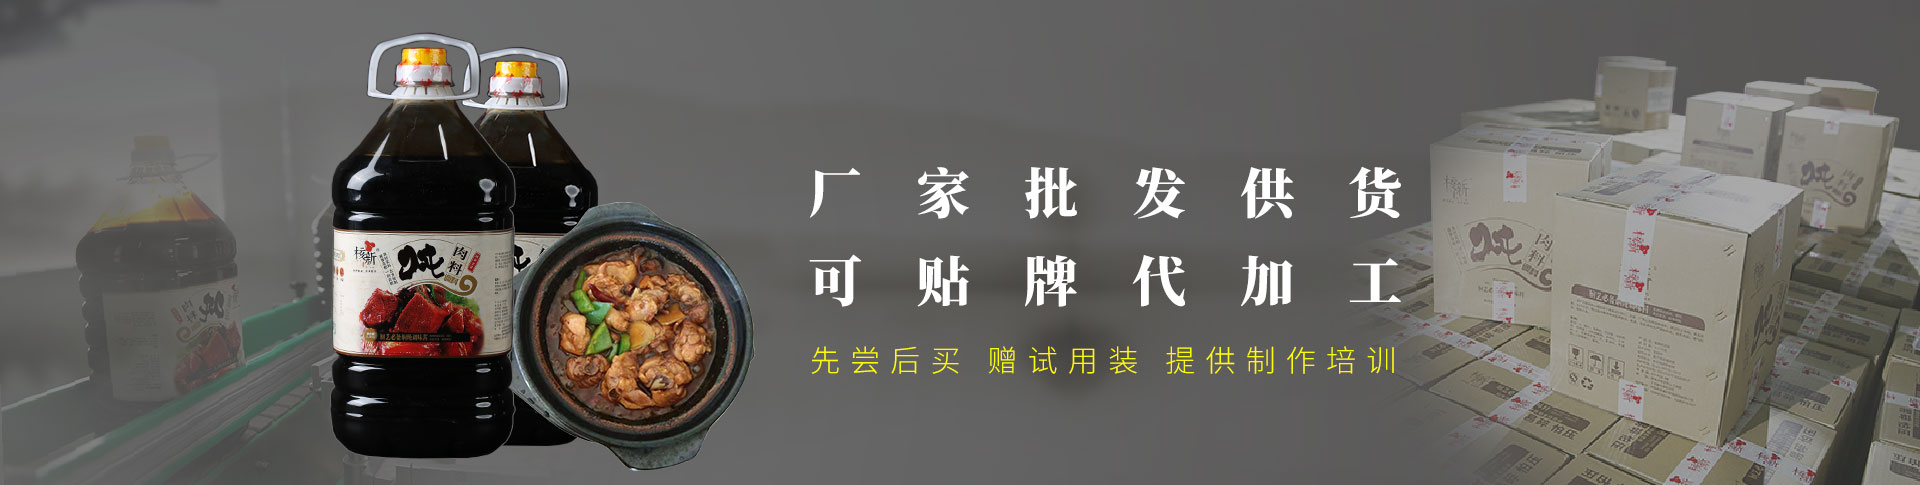 西藏黄焖鸡酱料批发价格